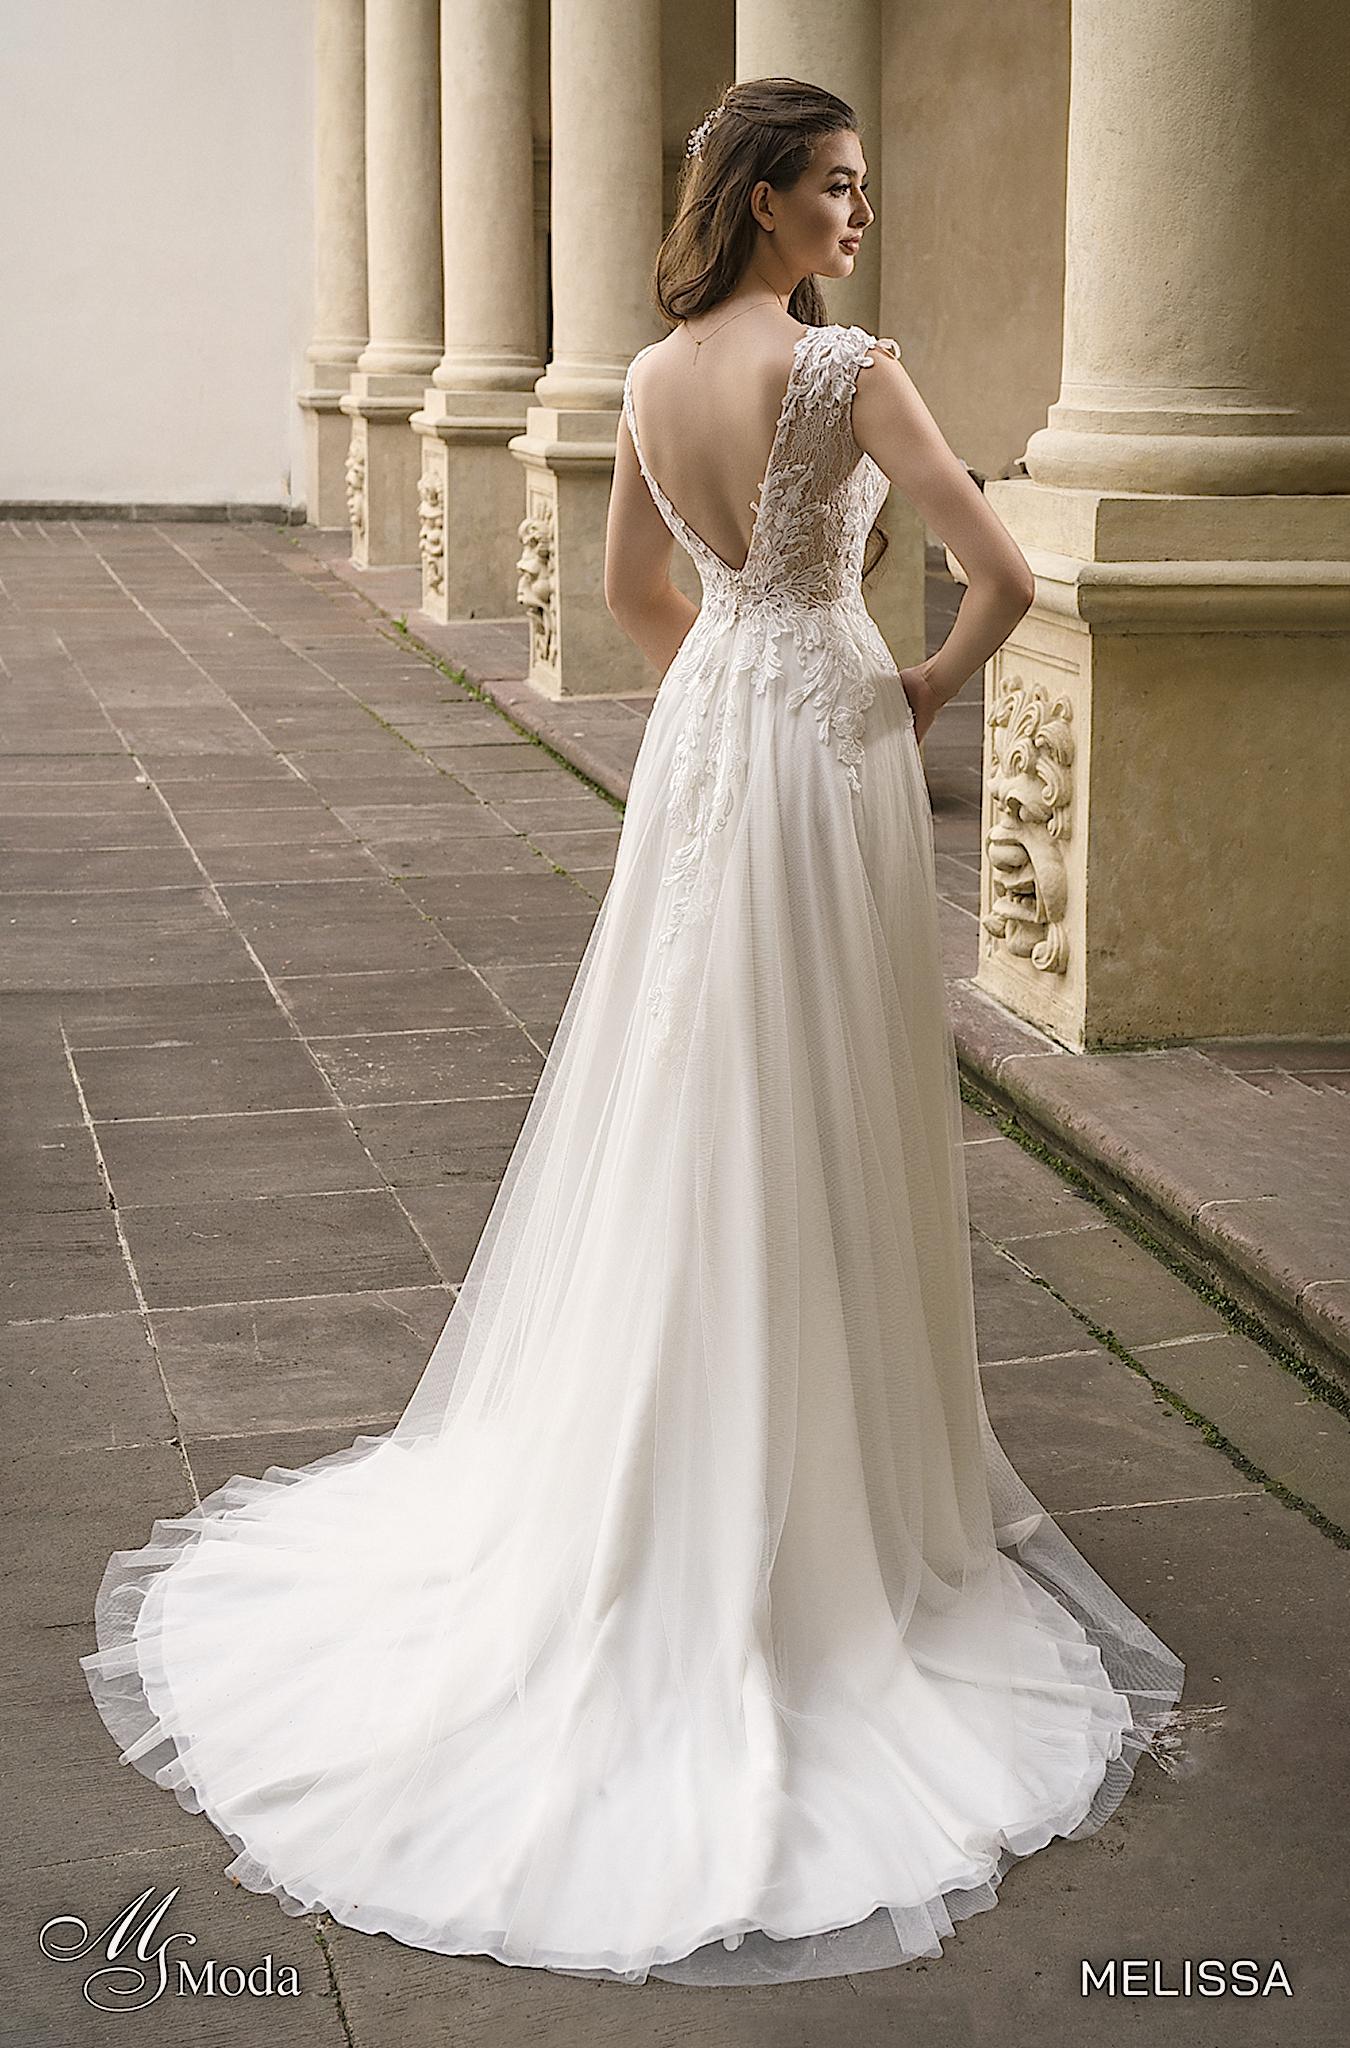 MESLISSA-MS Moda - Suknie ślubne